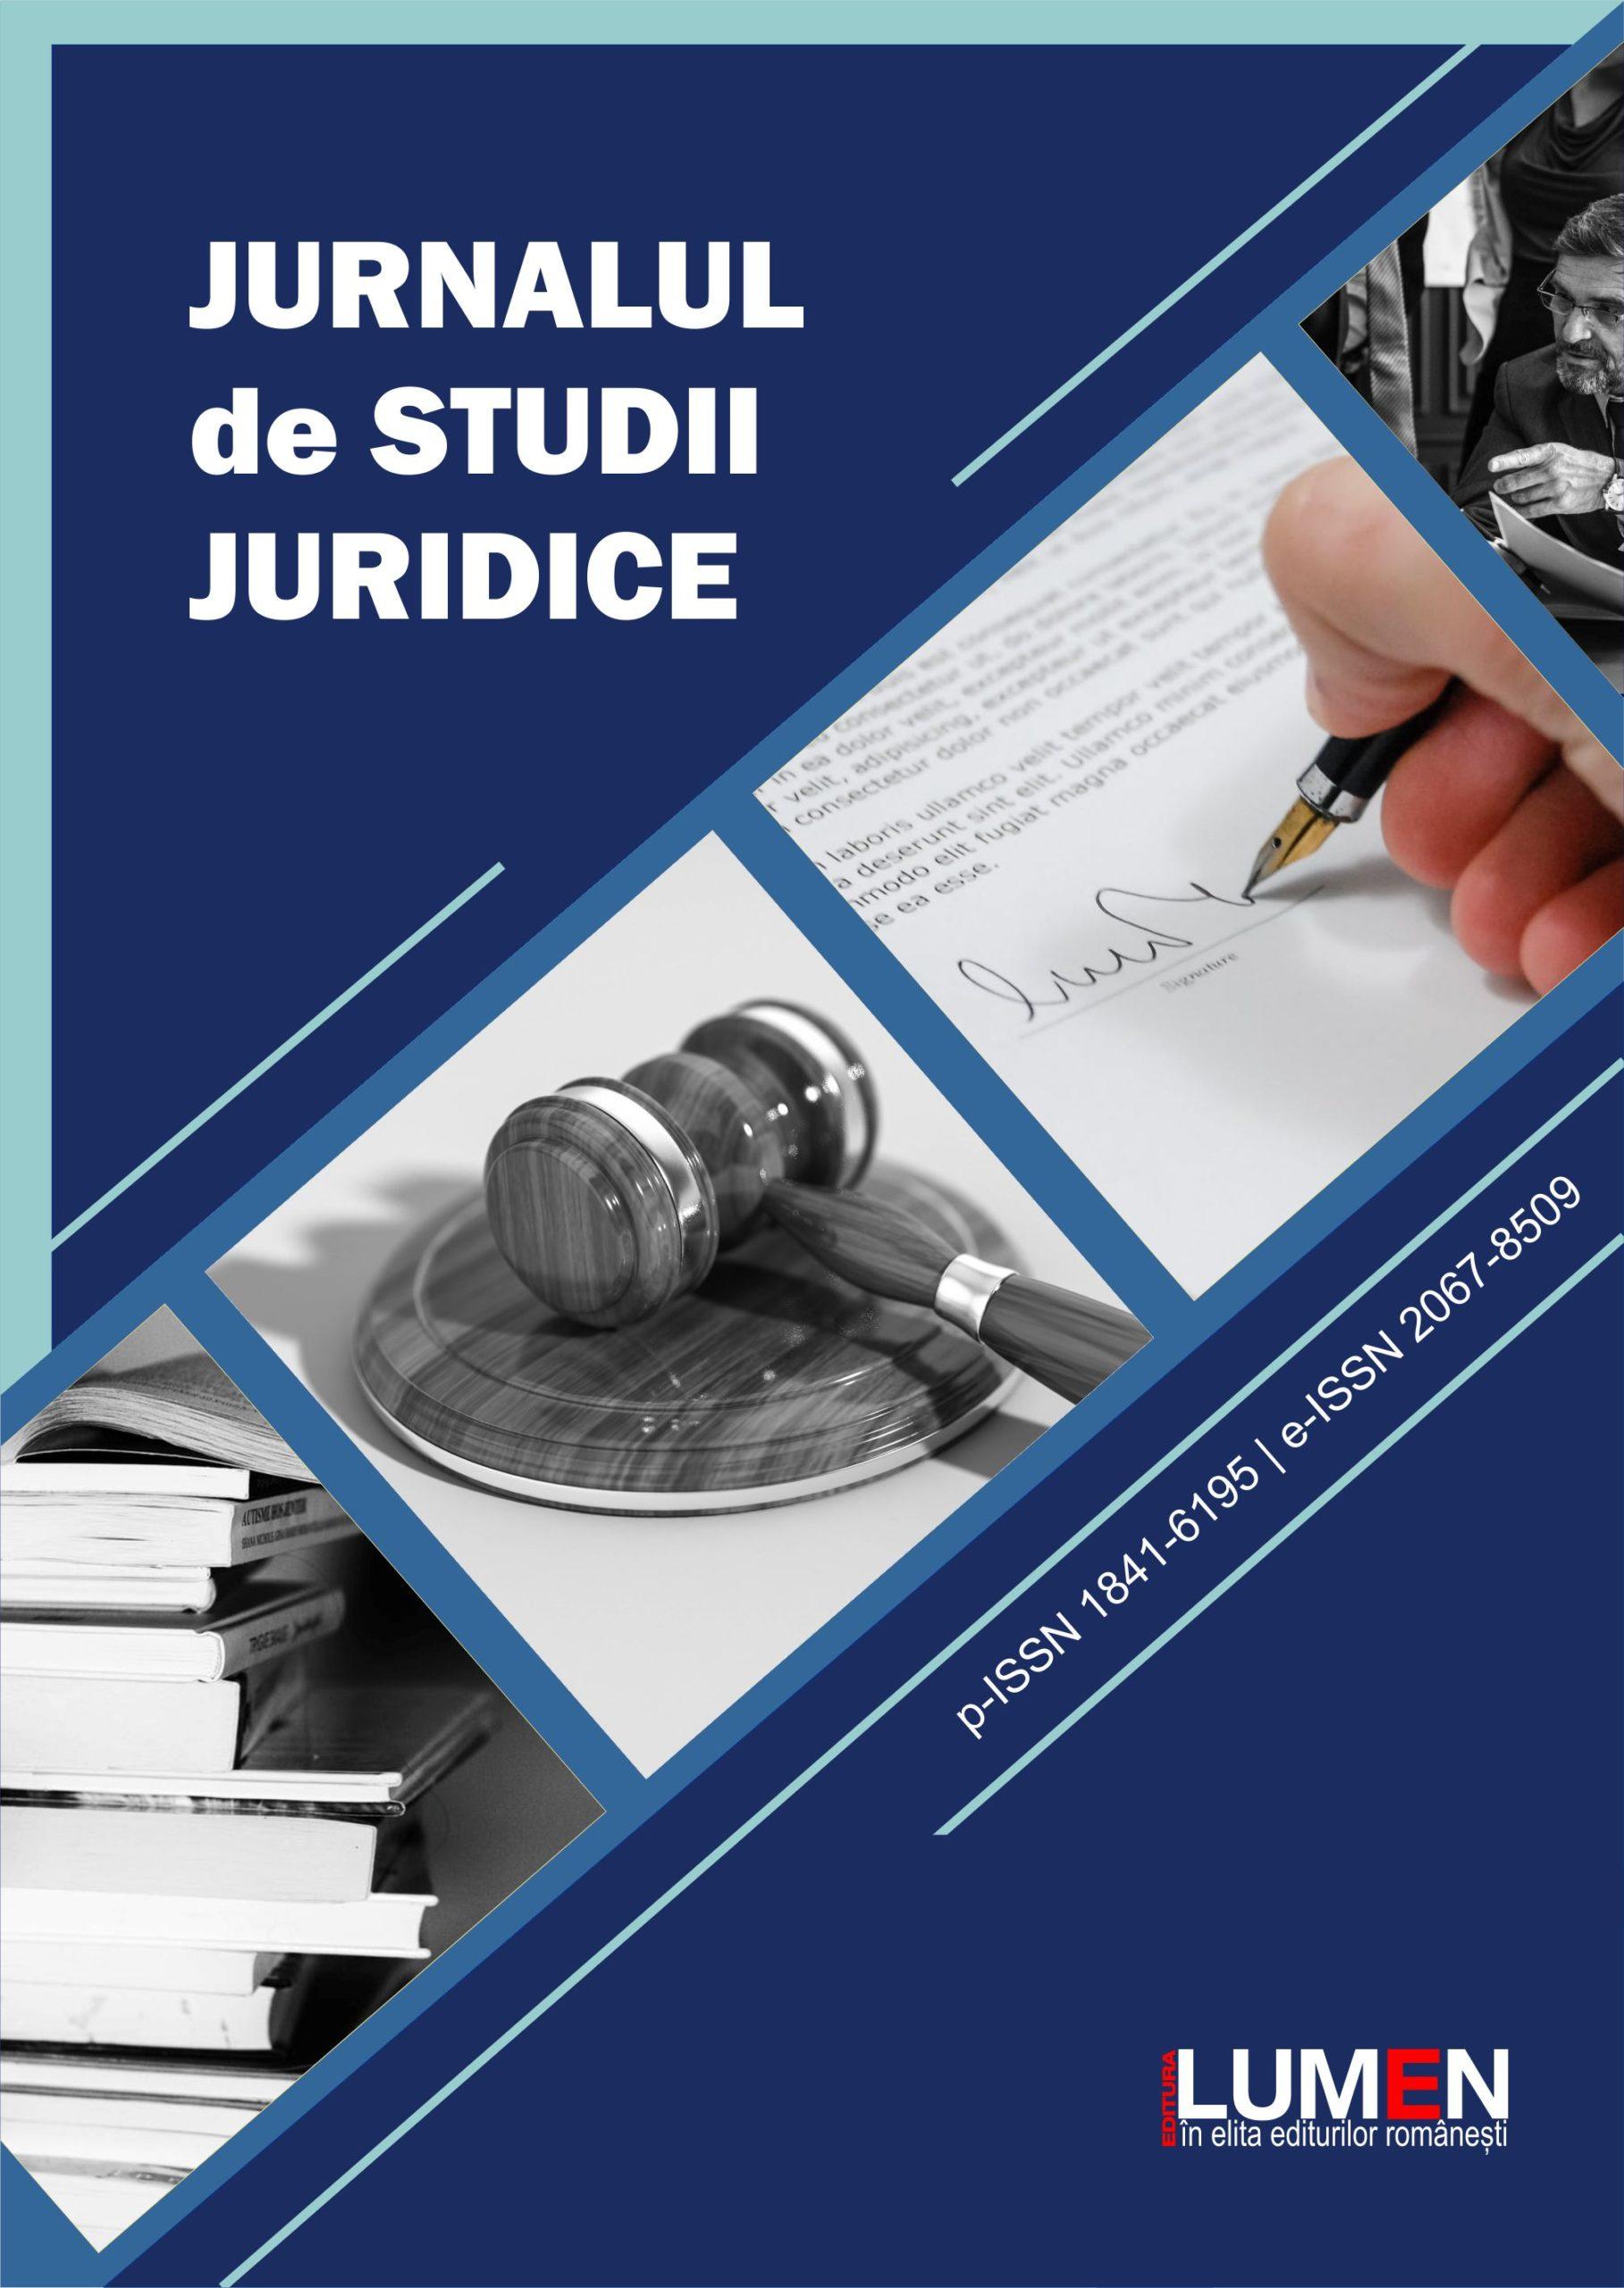 Publica cartea ta la Editura Stiintifica Lumen COVER Jurnalul de Studii Juridice scaled